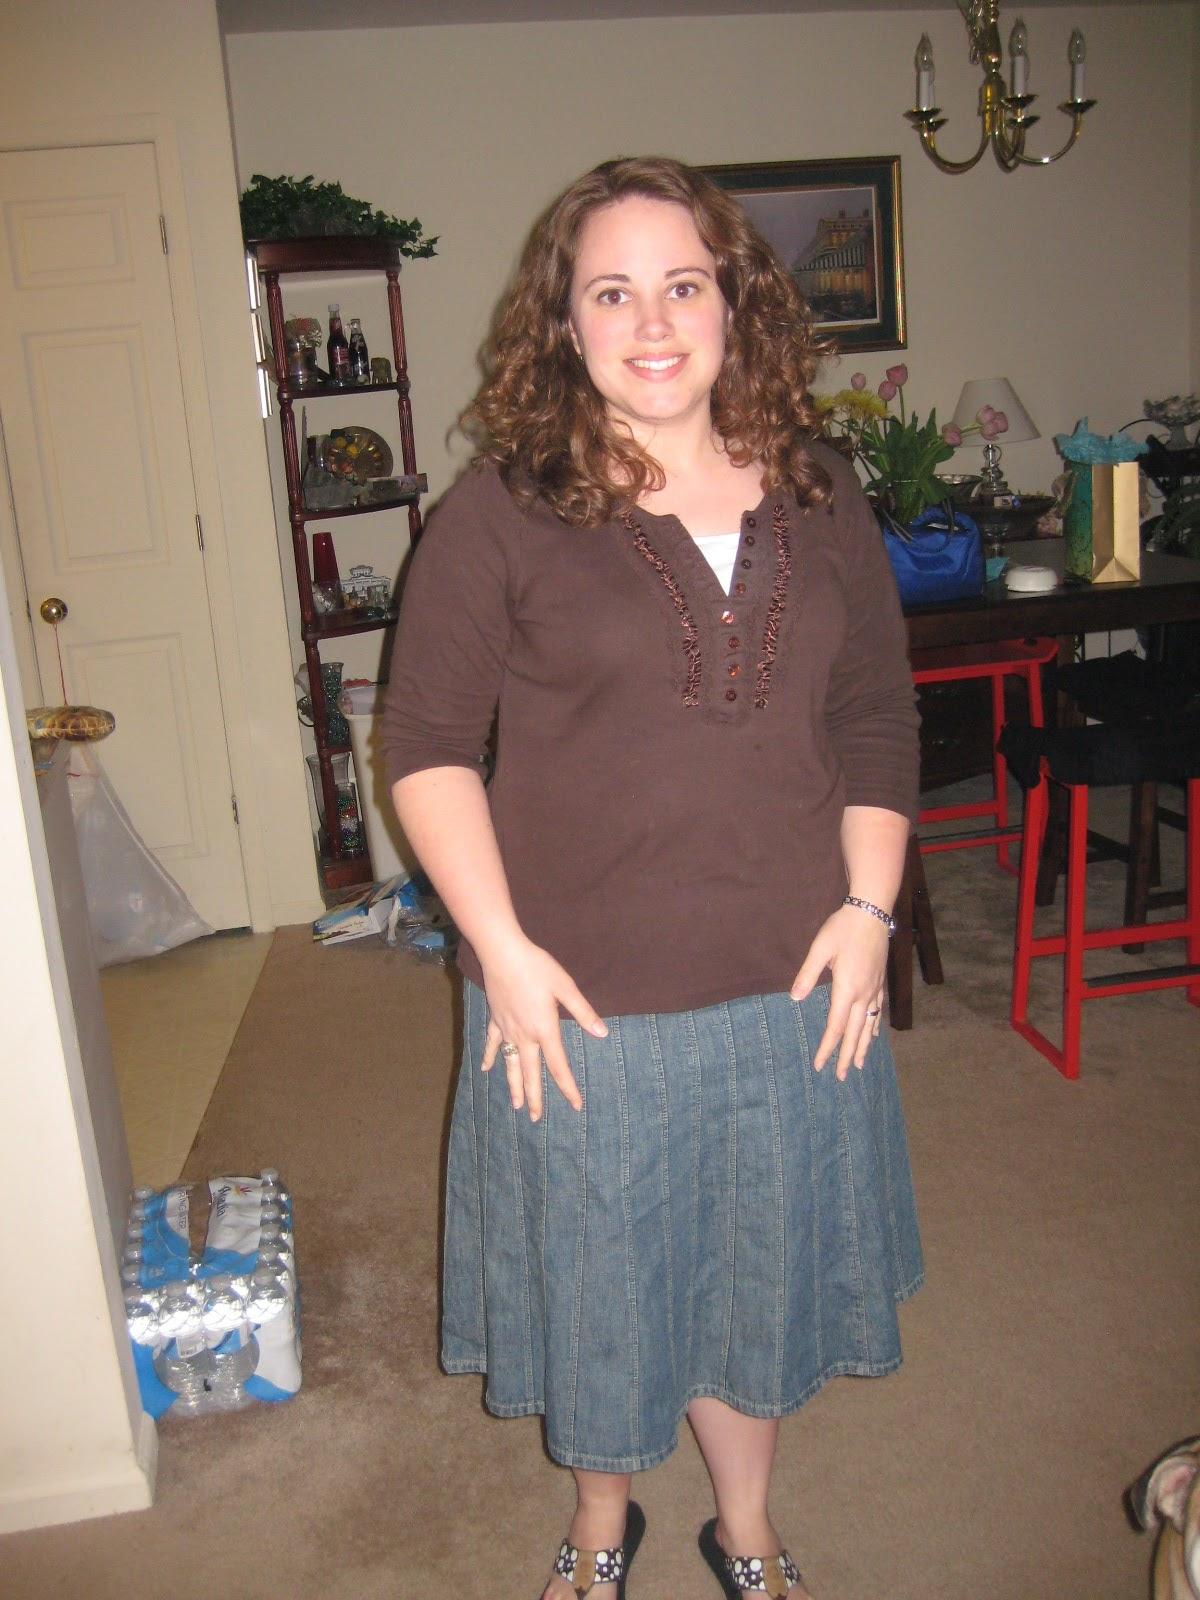 f88e1132f896 denim skirt  Dillard s brown 3 4 sleeve shirt  Bass flip flops  Yellow Box